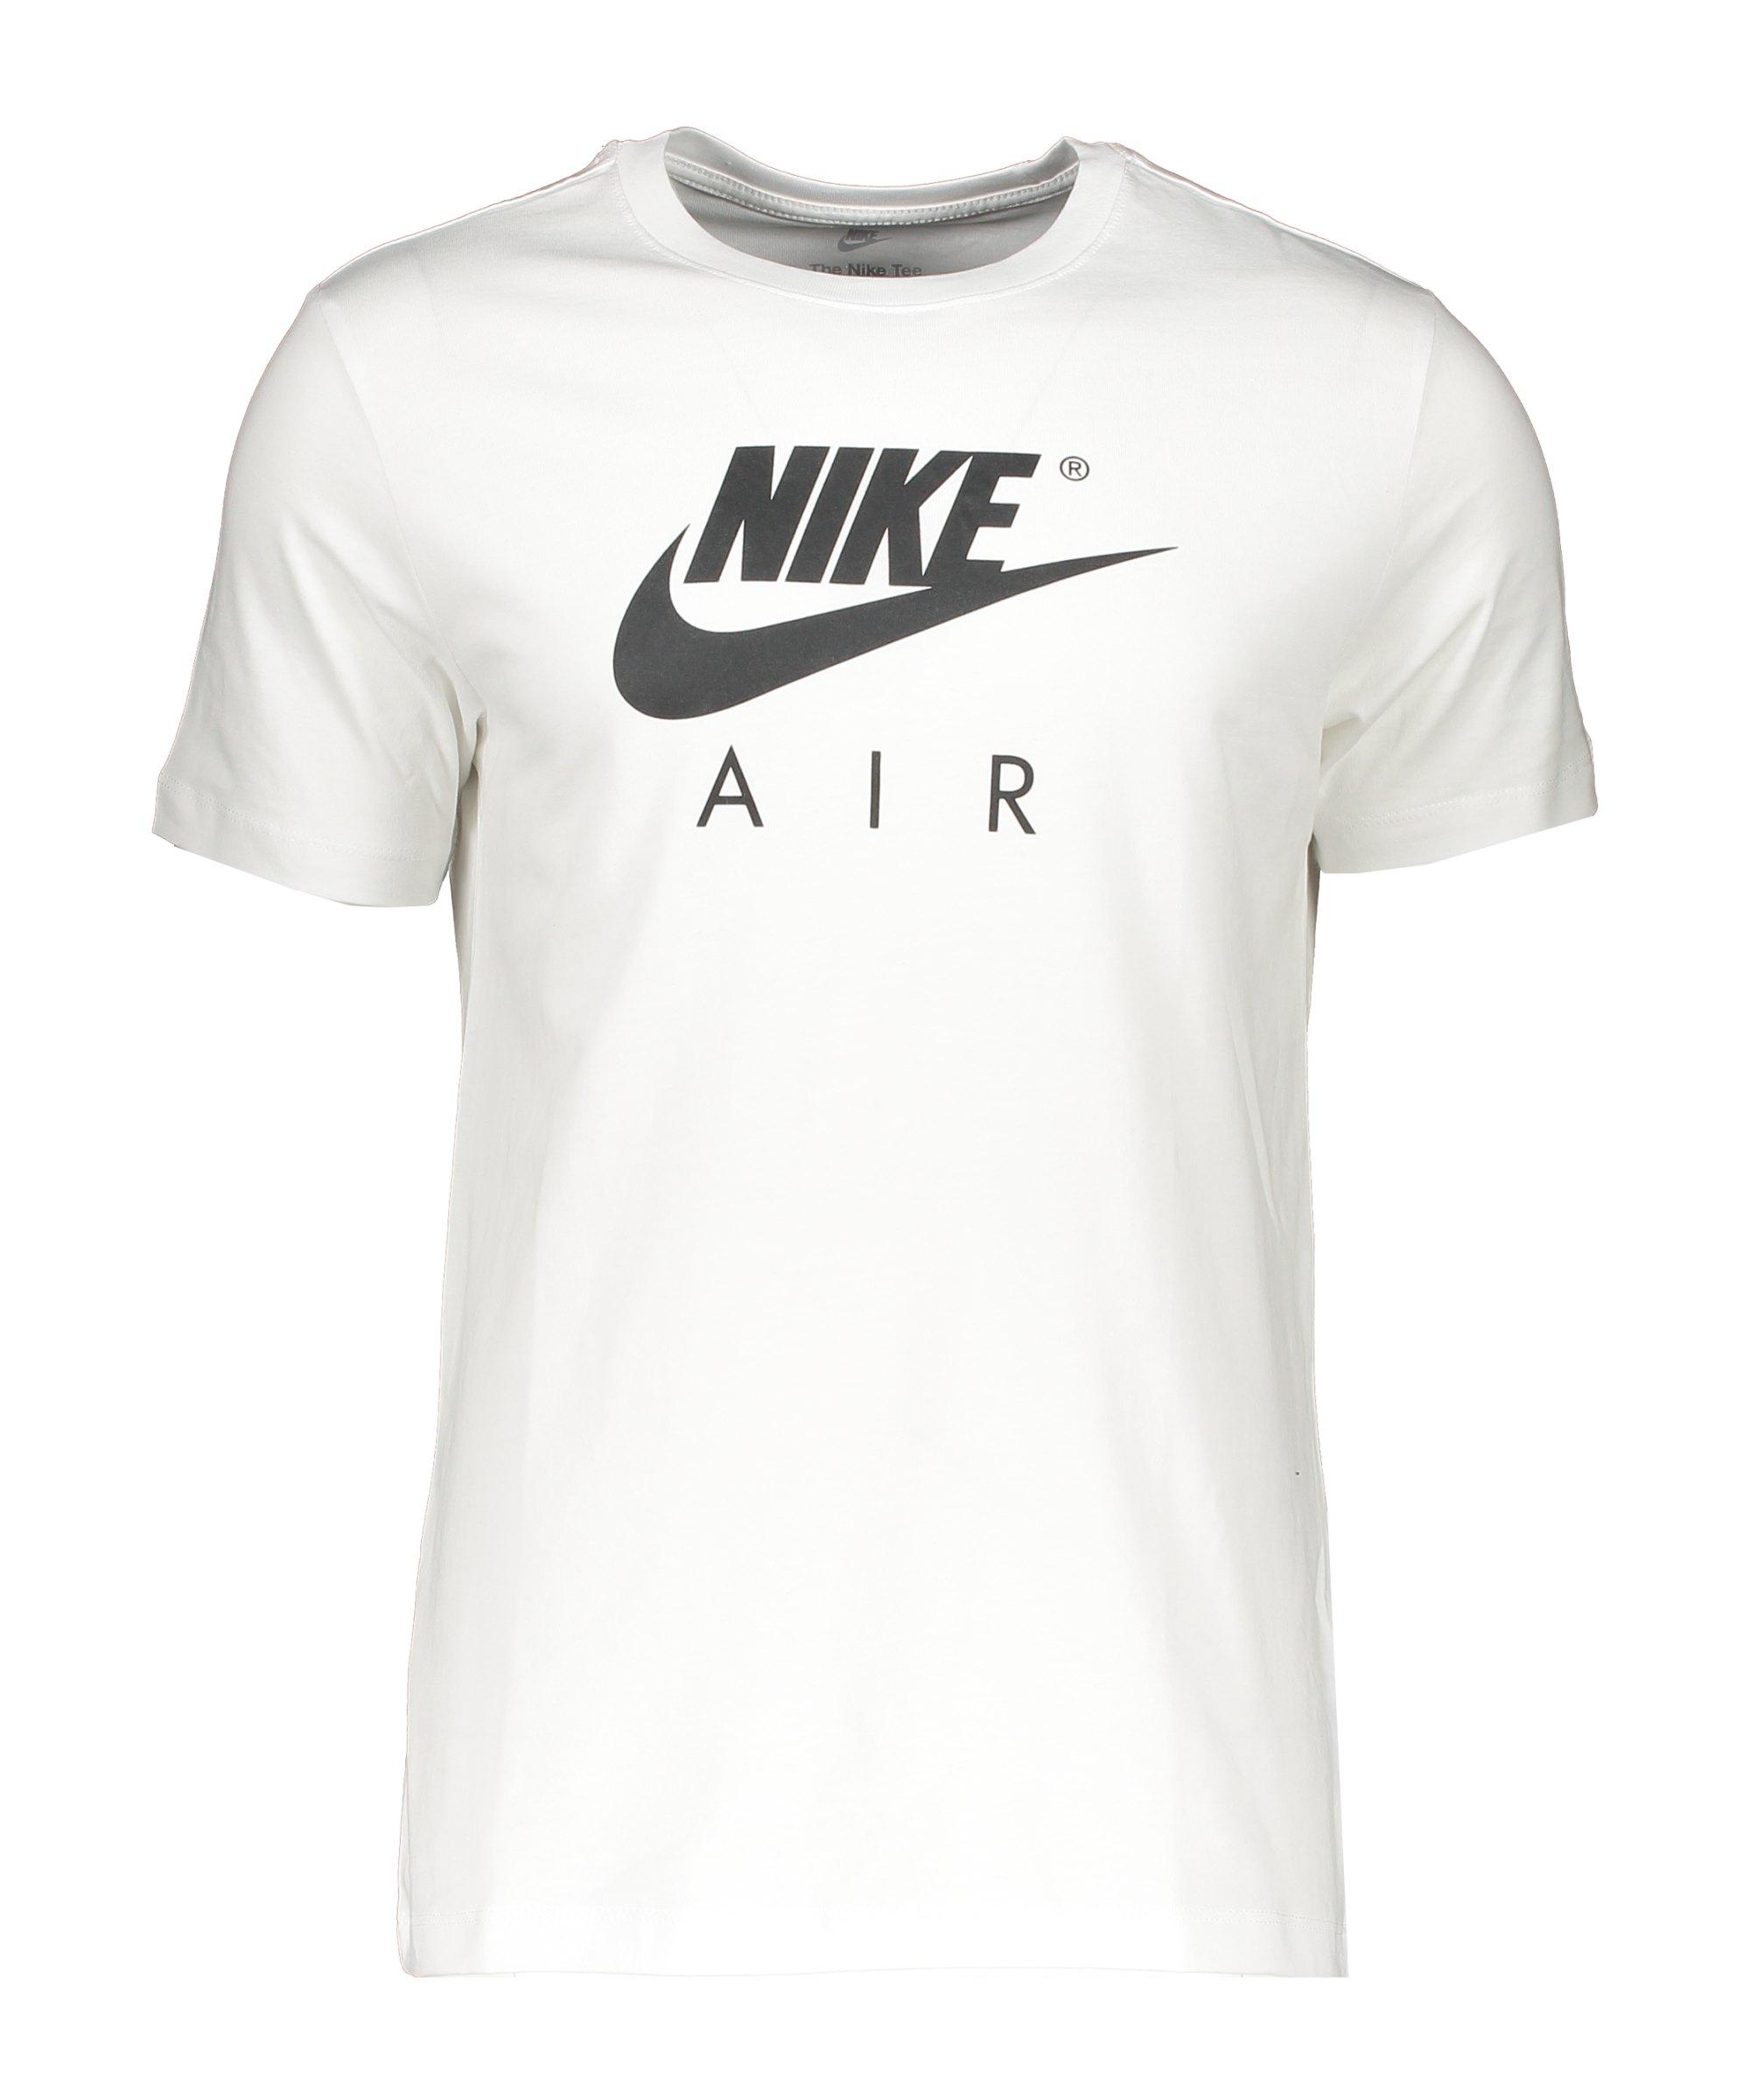 Nike Air T-Shirt Weiss F100 - weiss